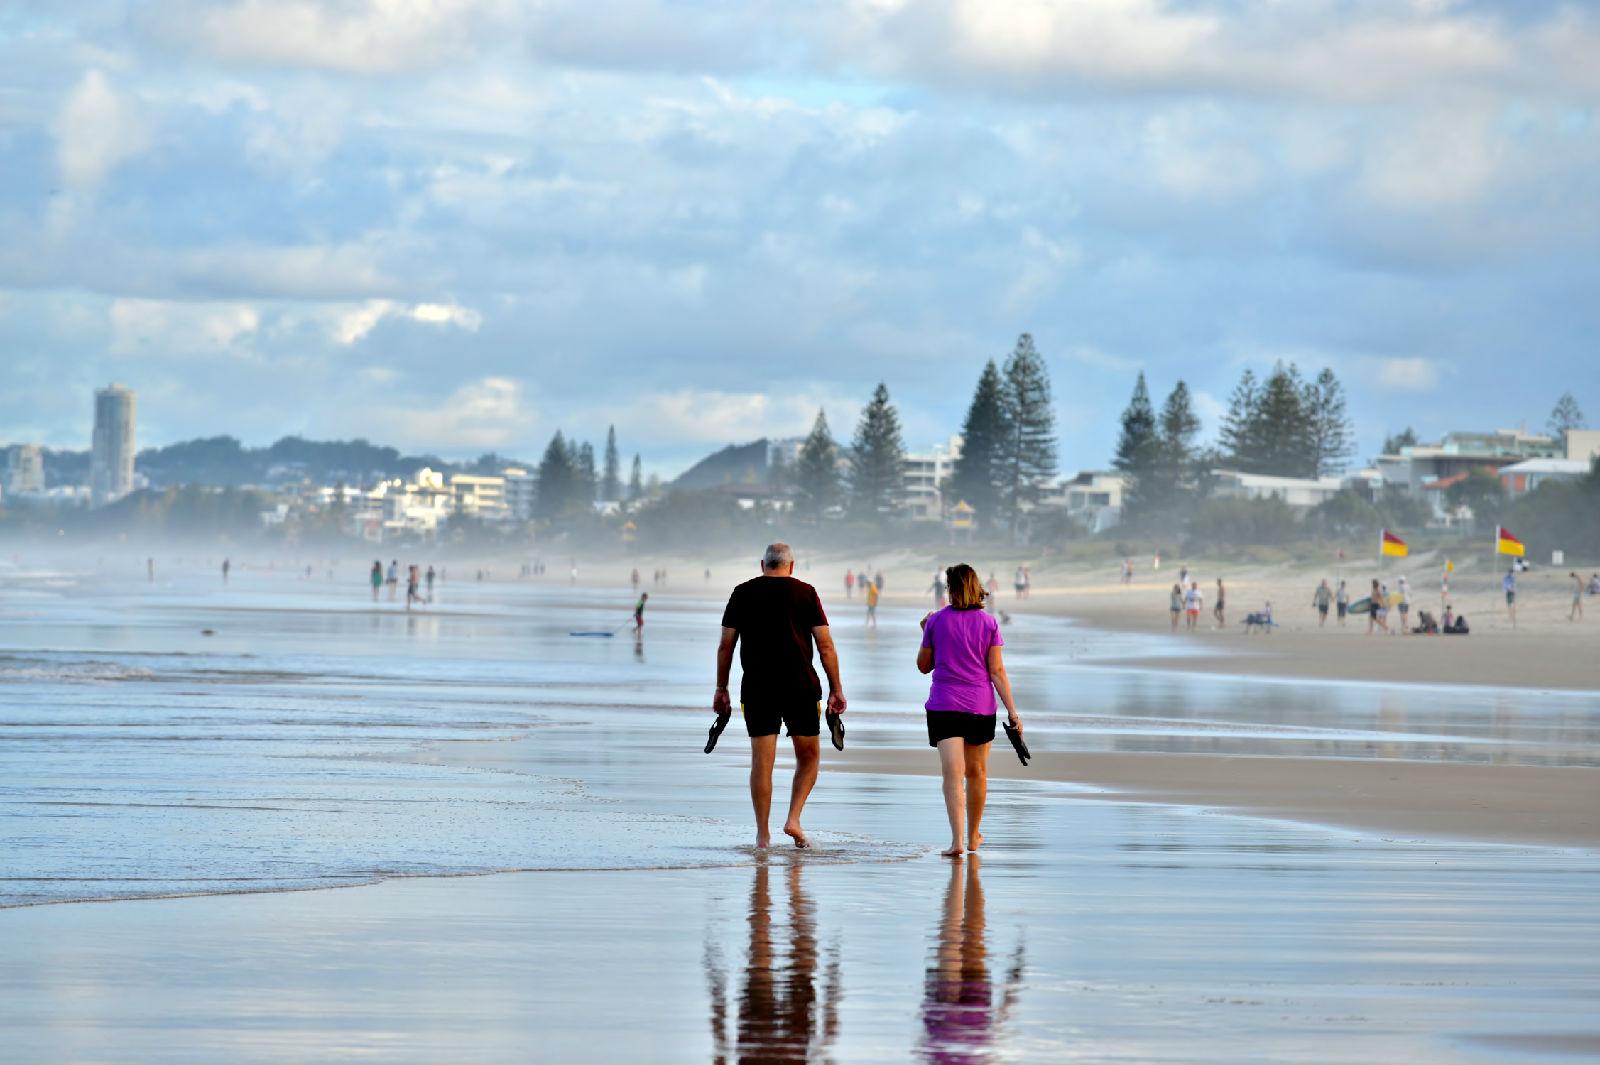 澳大利亚旅游攻略图片148